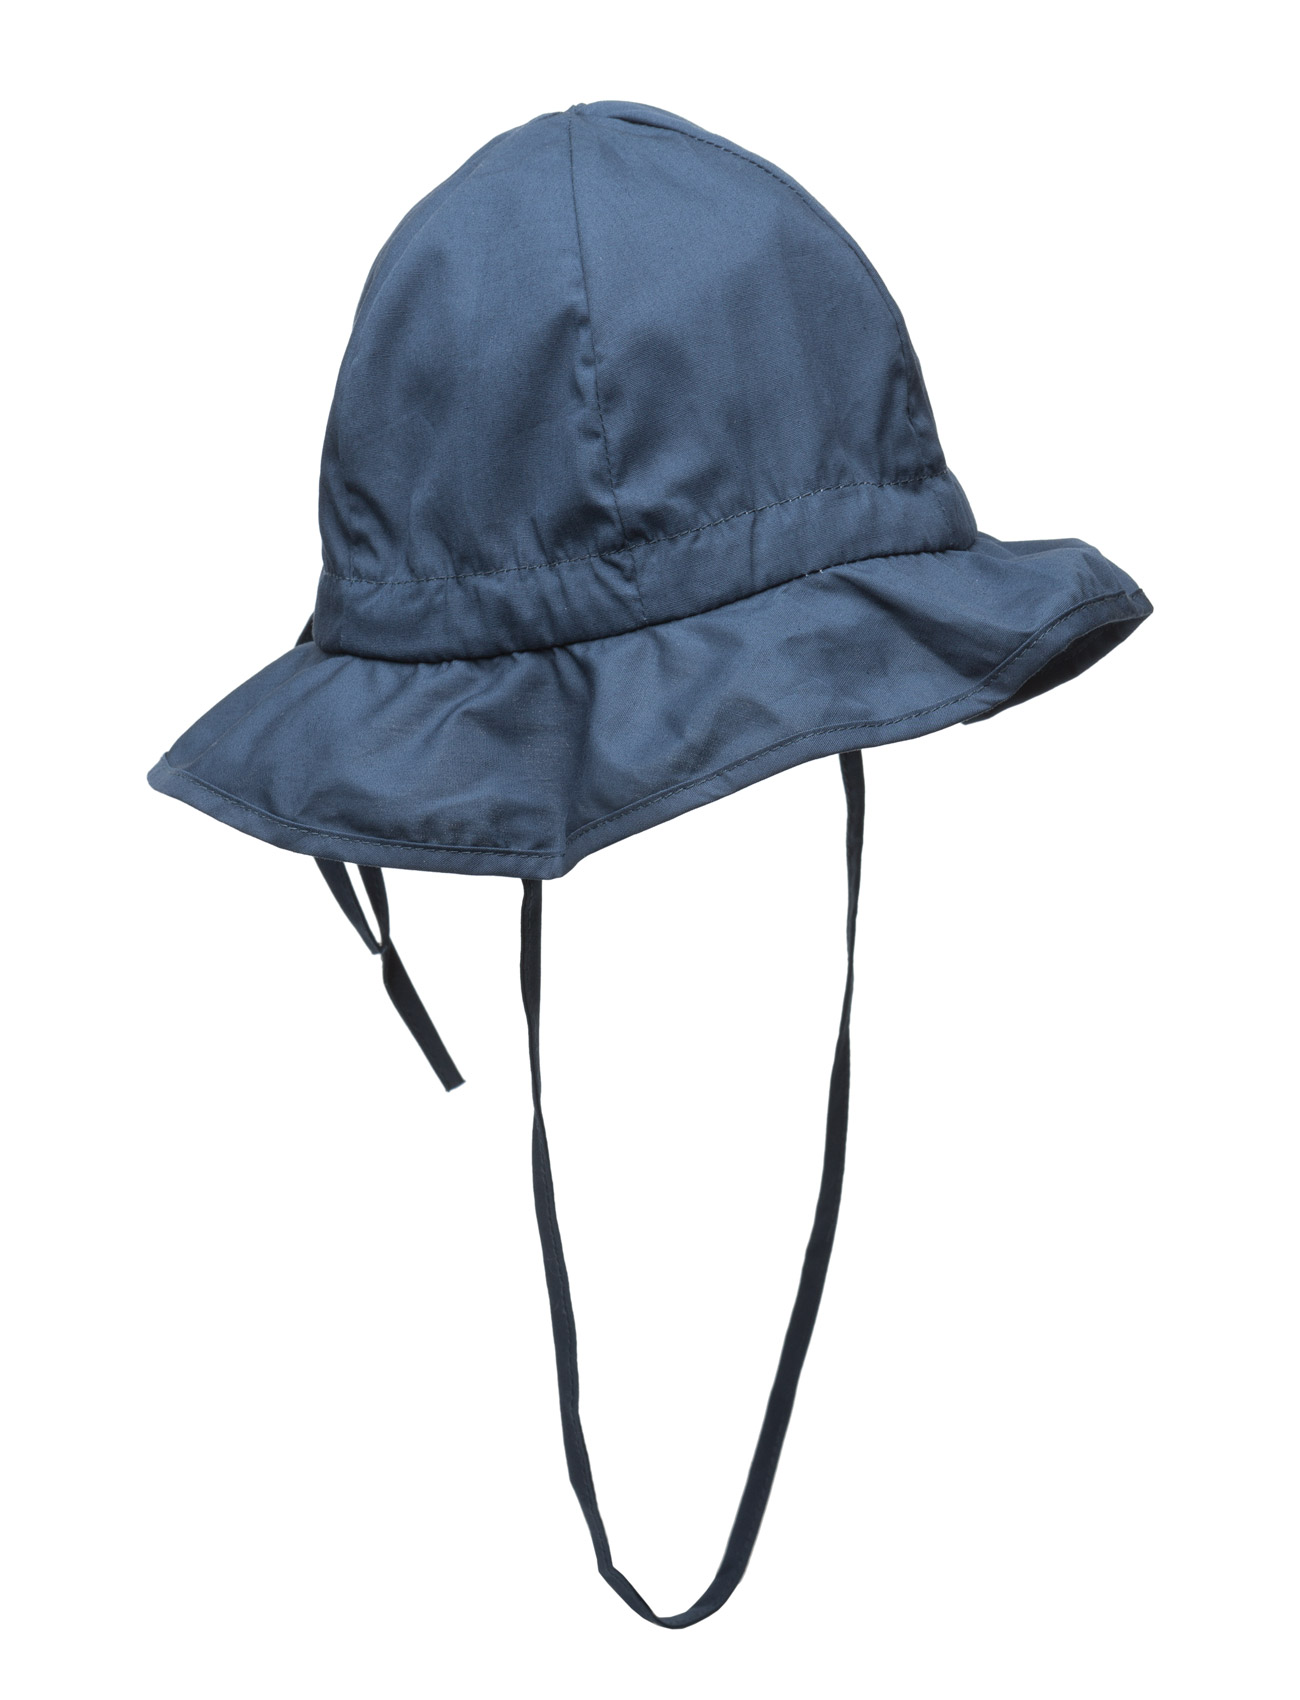 Hat W/Brim & Bow - Solid Col Melton Accessories til Børn i